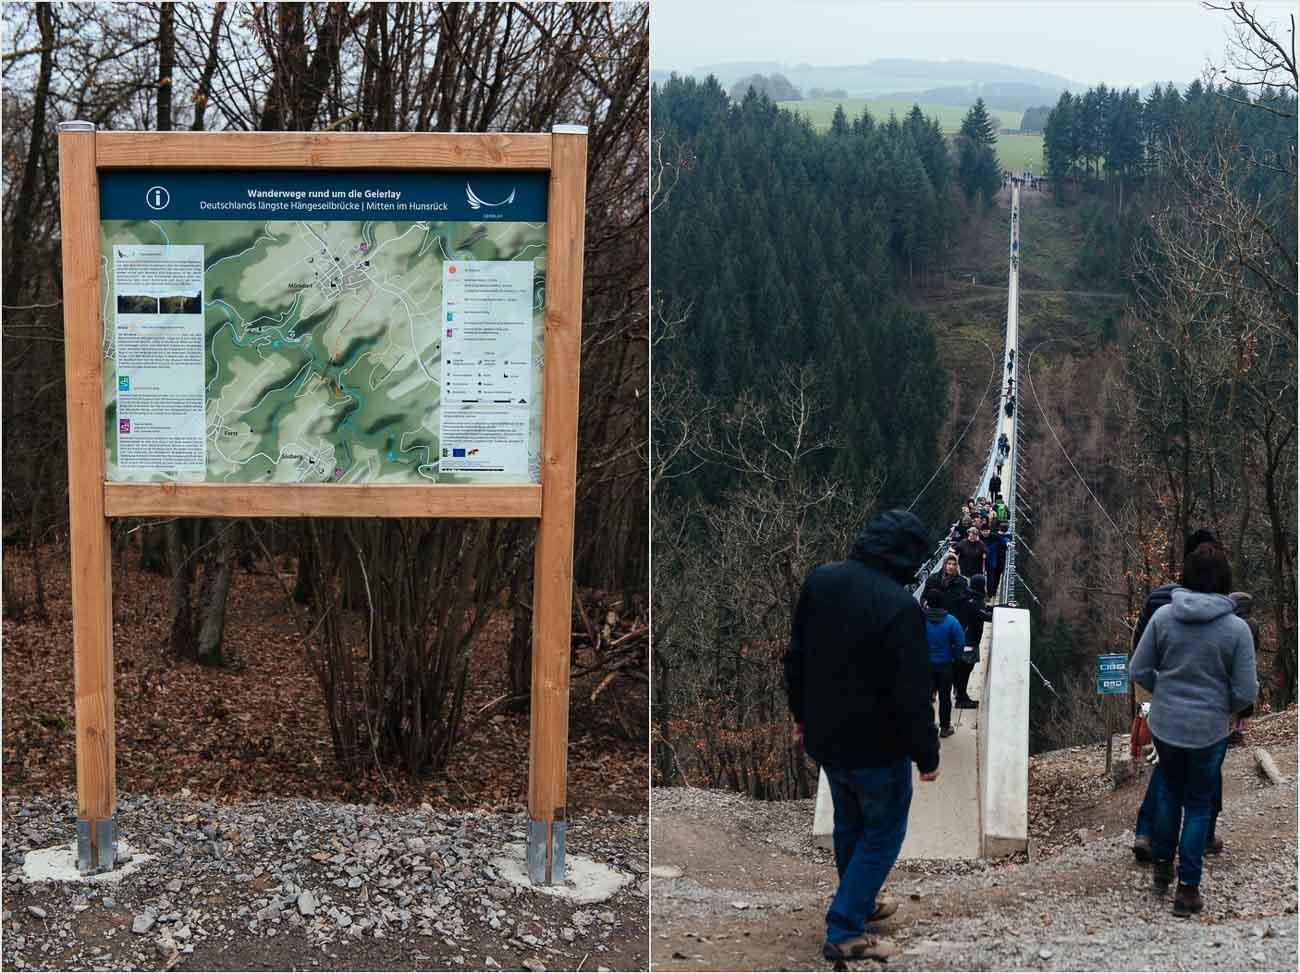 Wanderunegn rund um die Geierlay Bruecke